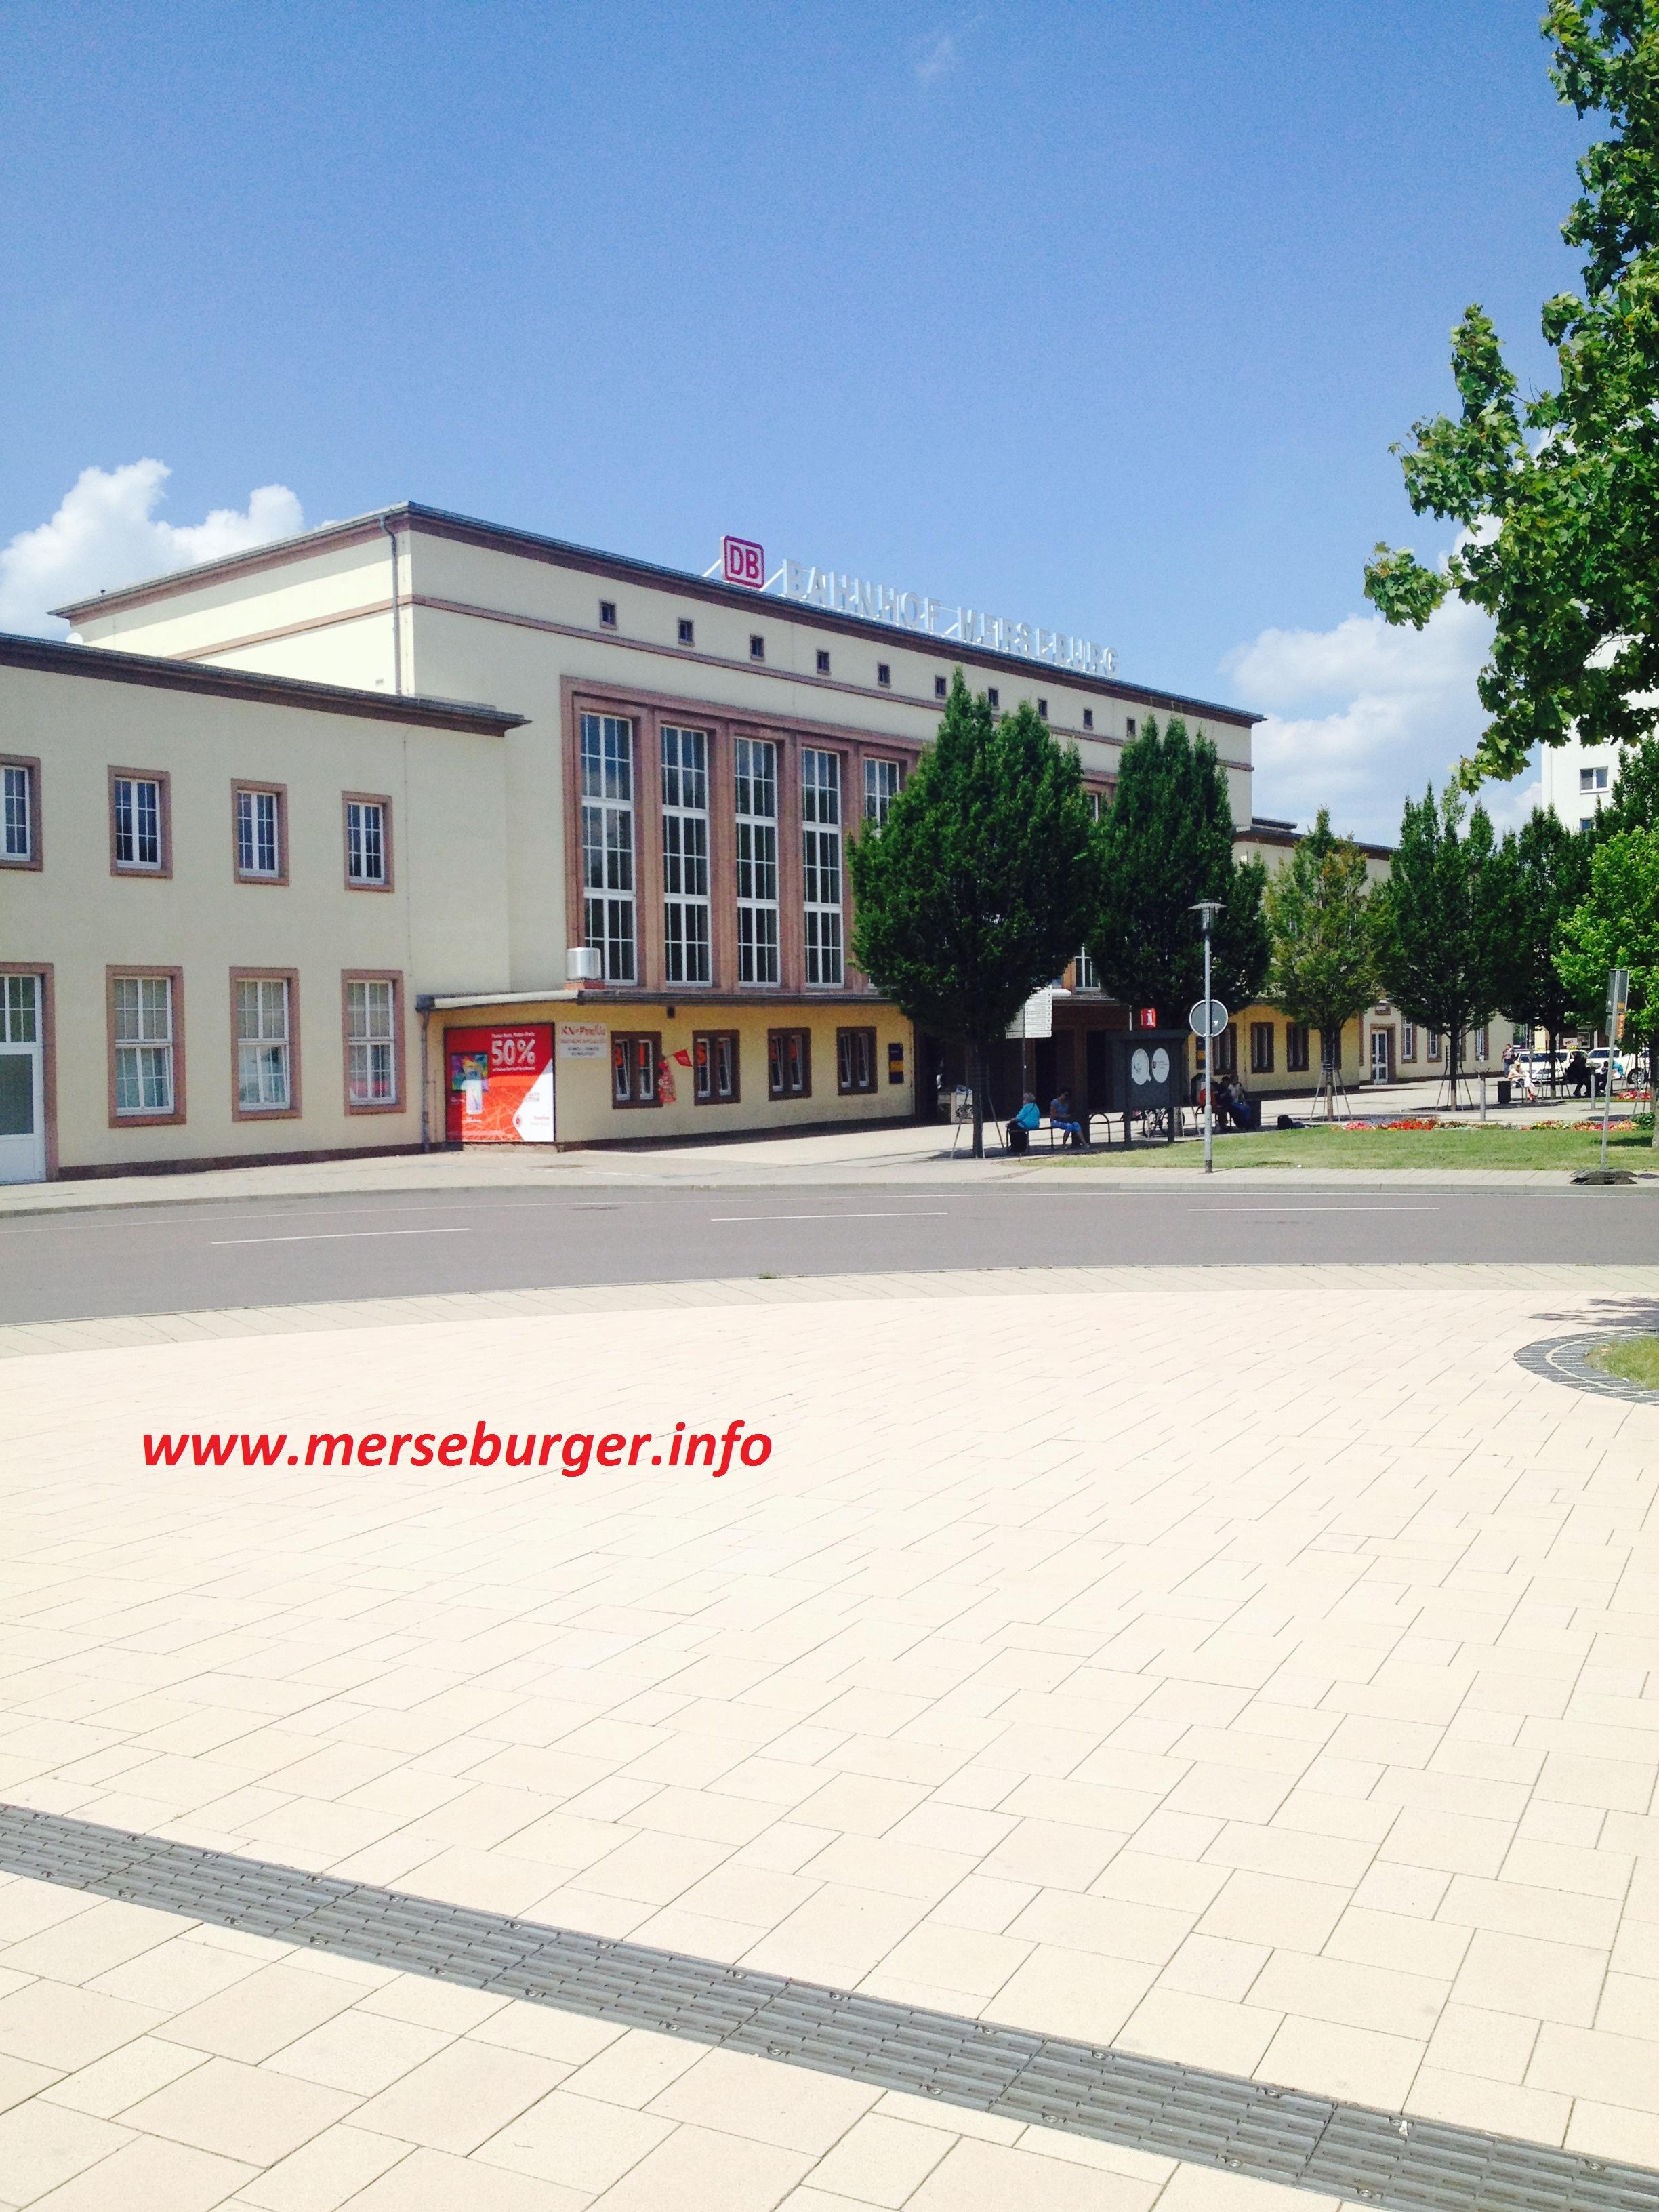 Merseburg Bahnhof